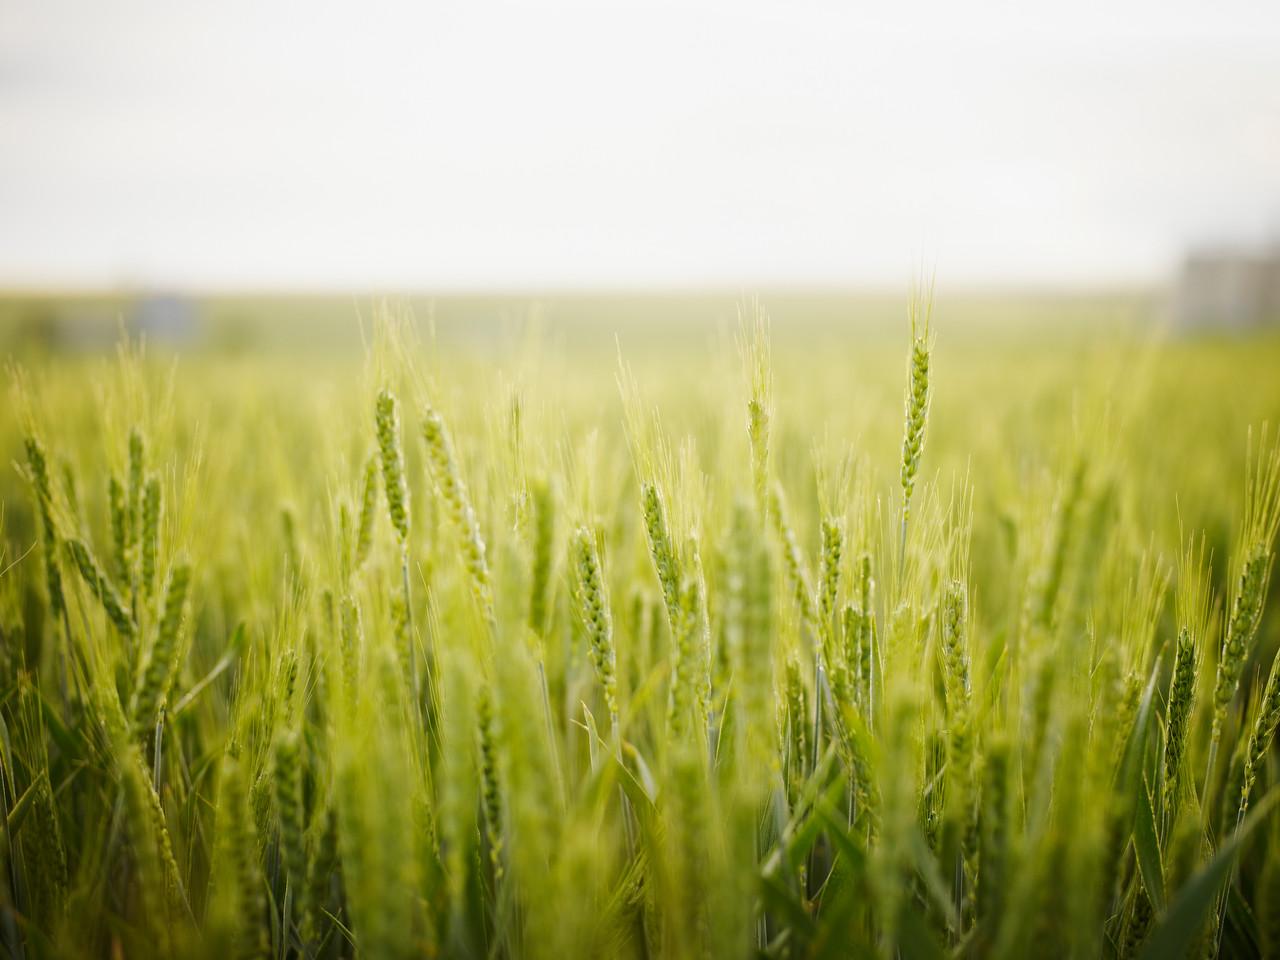 3762_grain-landscape-32